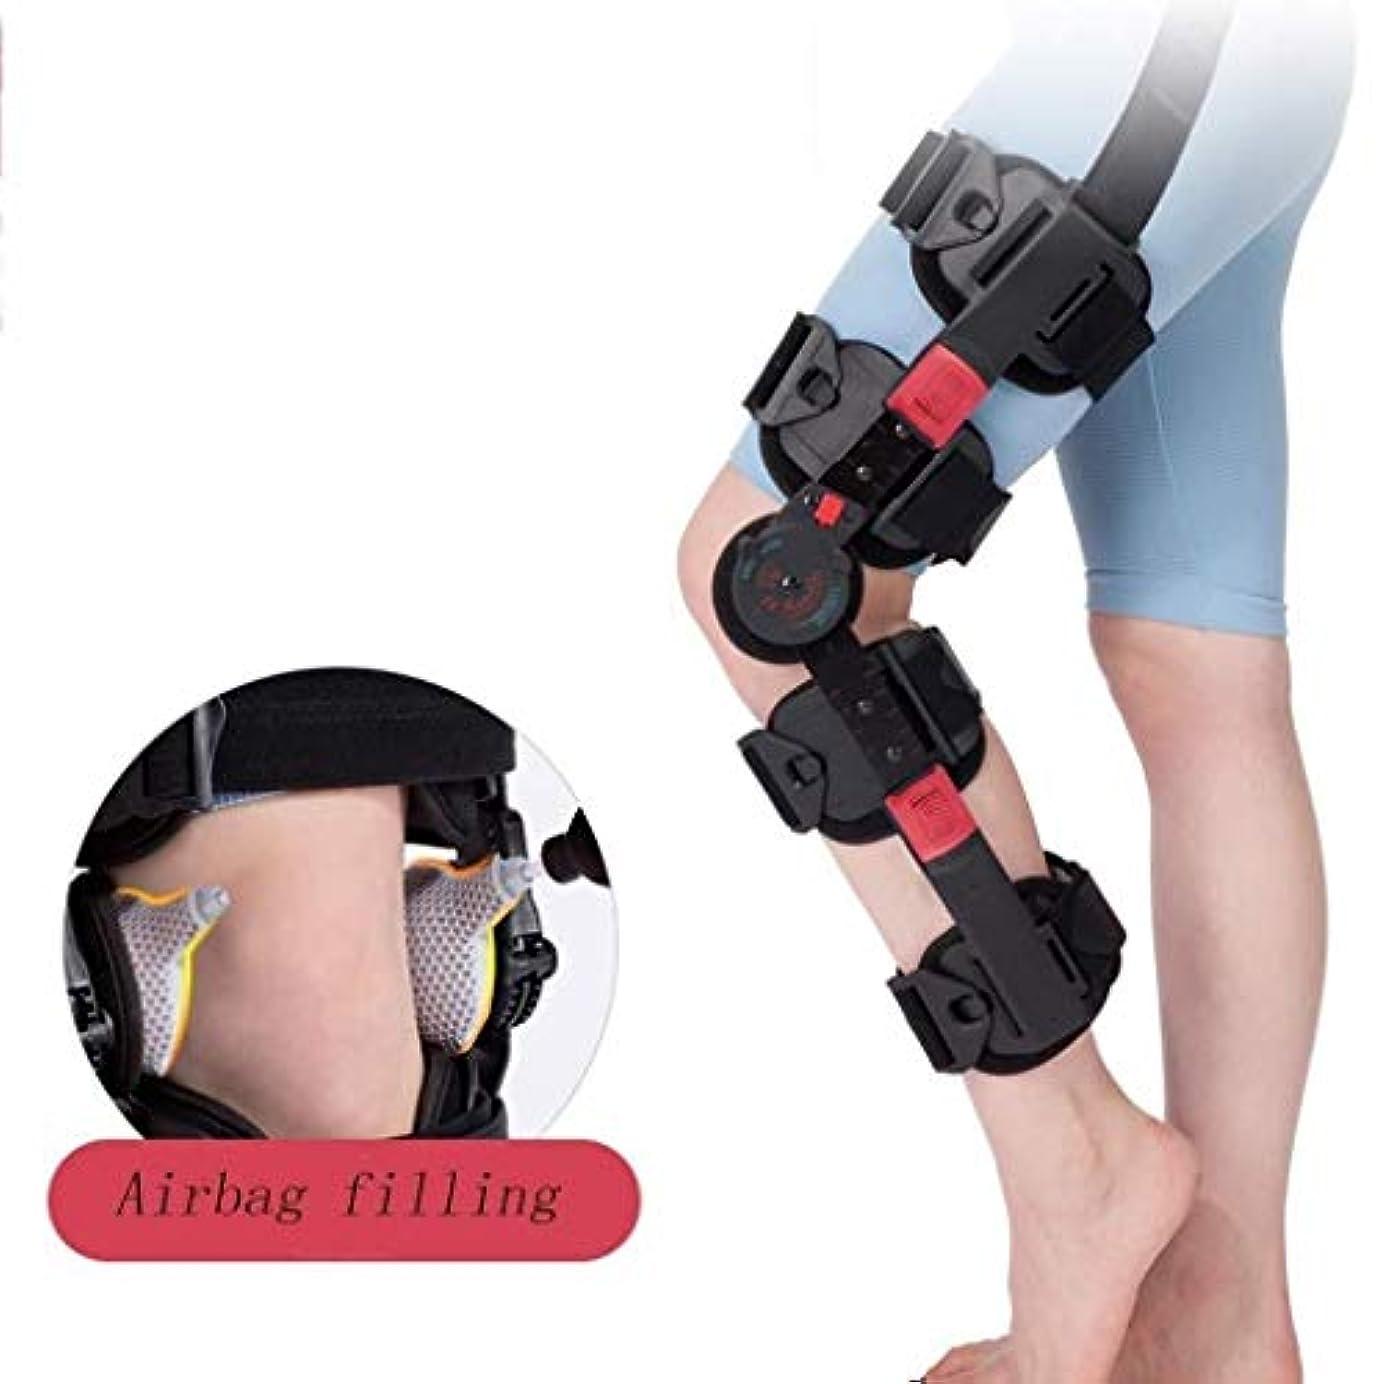 シャーロックホームズ火星投獄ヒンジ式ROM膝ブレース、調節可能なポストOP膝蓋骨ブレースサポートスタビライザーパッド装具スプリントラップ医療用整形外科用ガードプロテクター